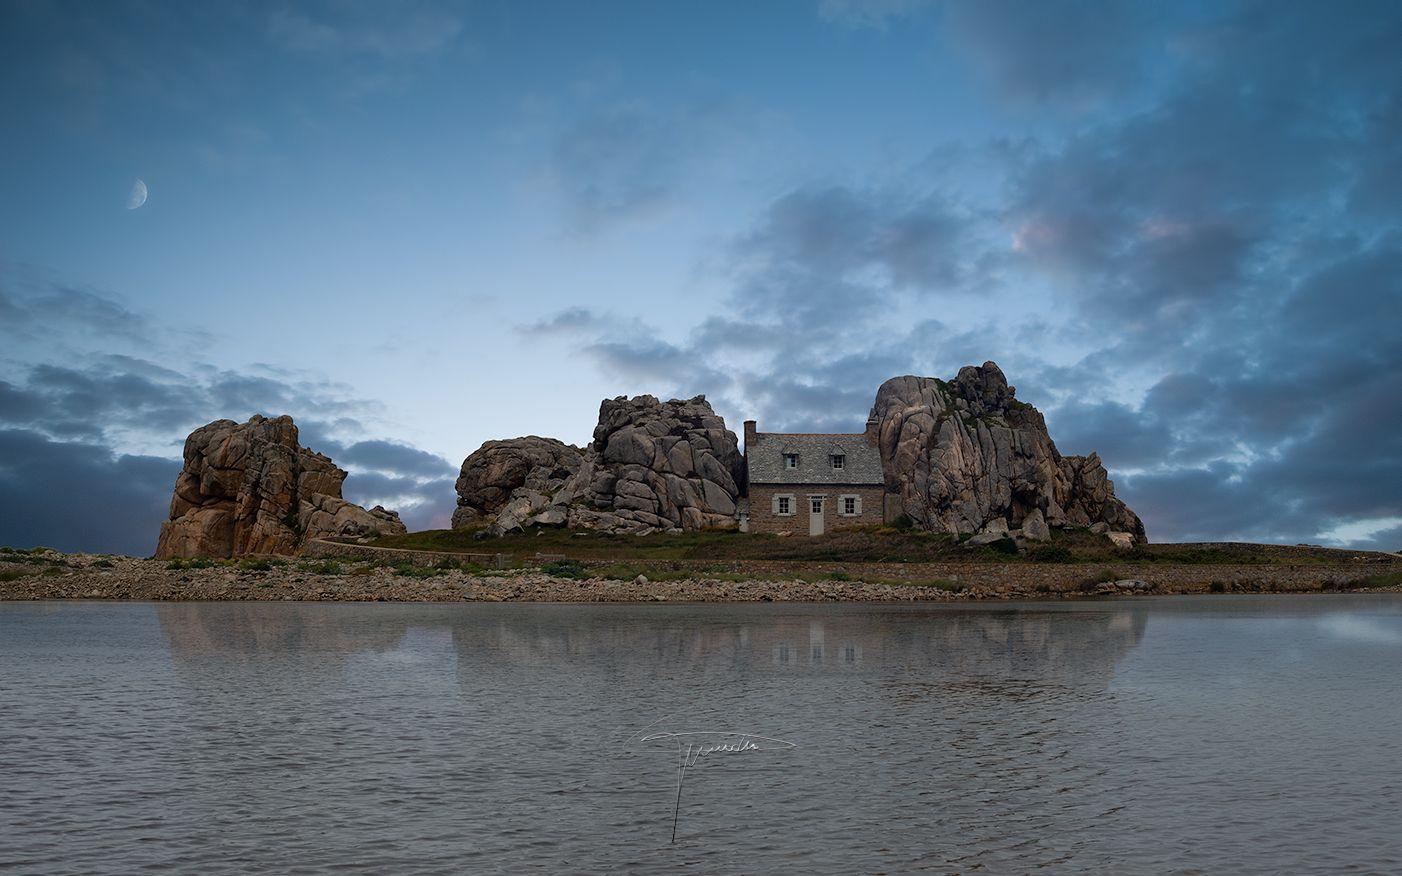 La Maison entre les rochers